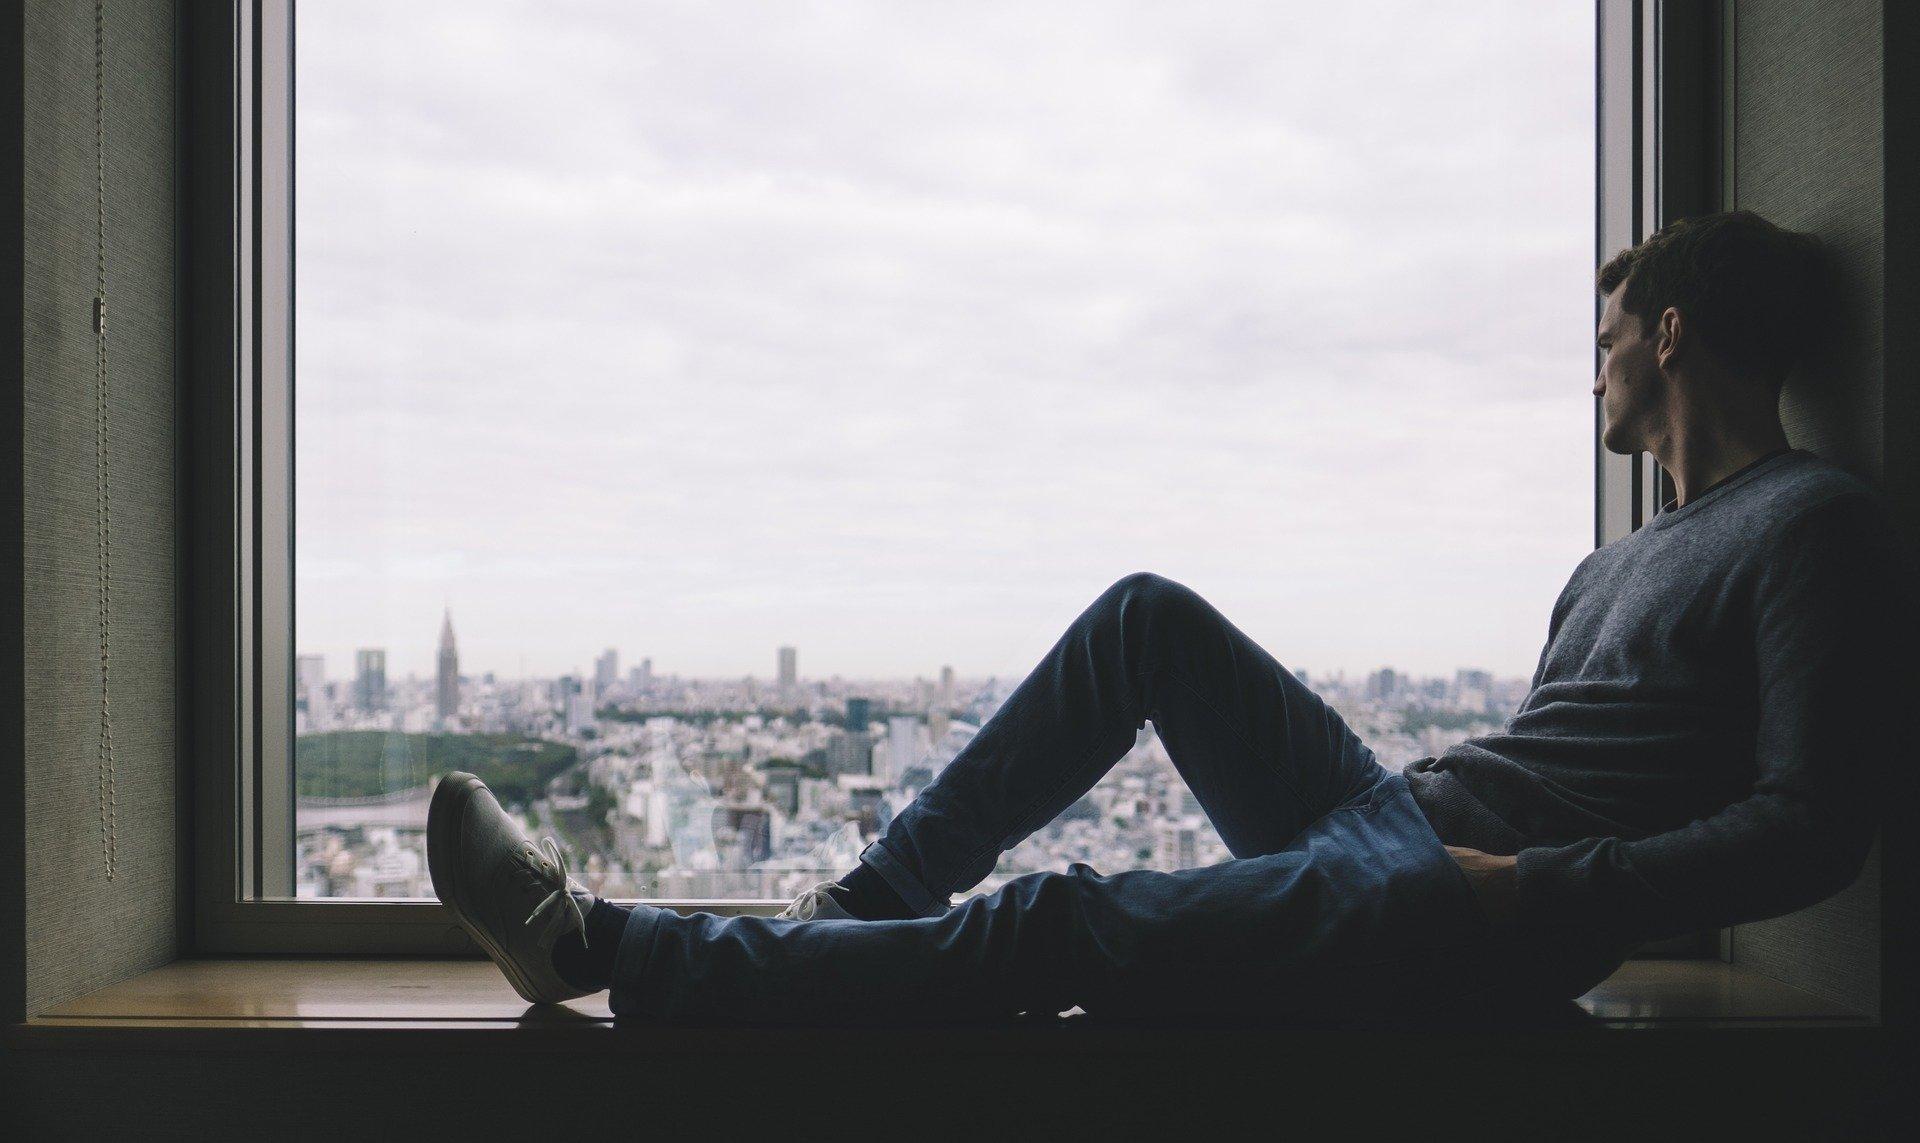 Mann am Fenster, der über eine Stadt blickt